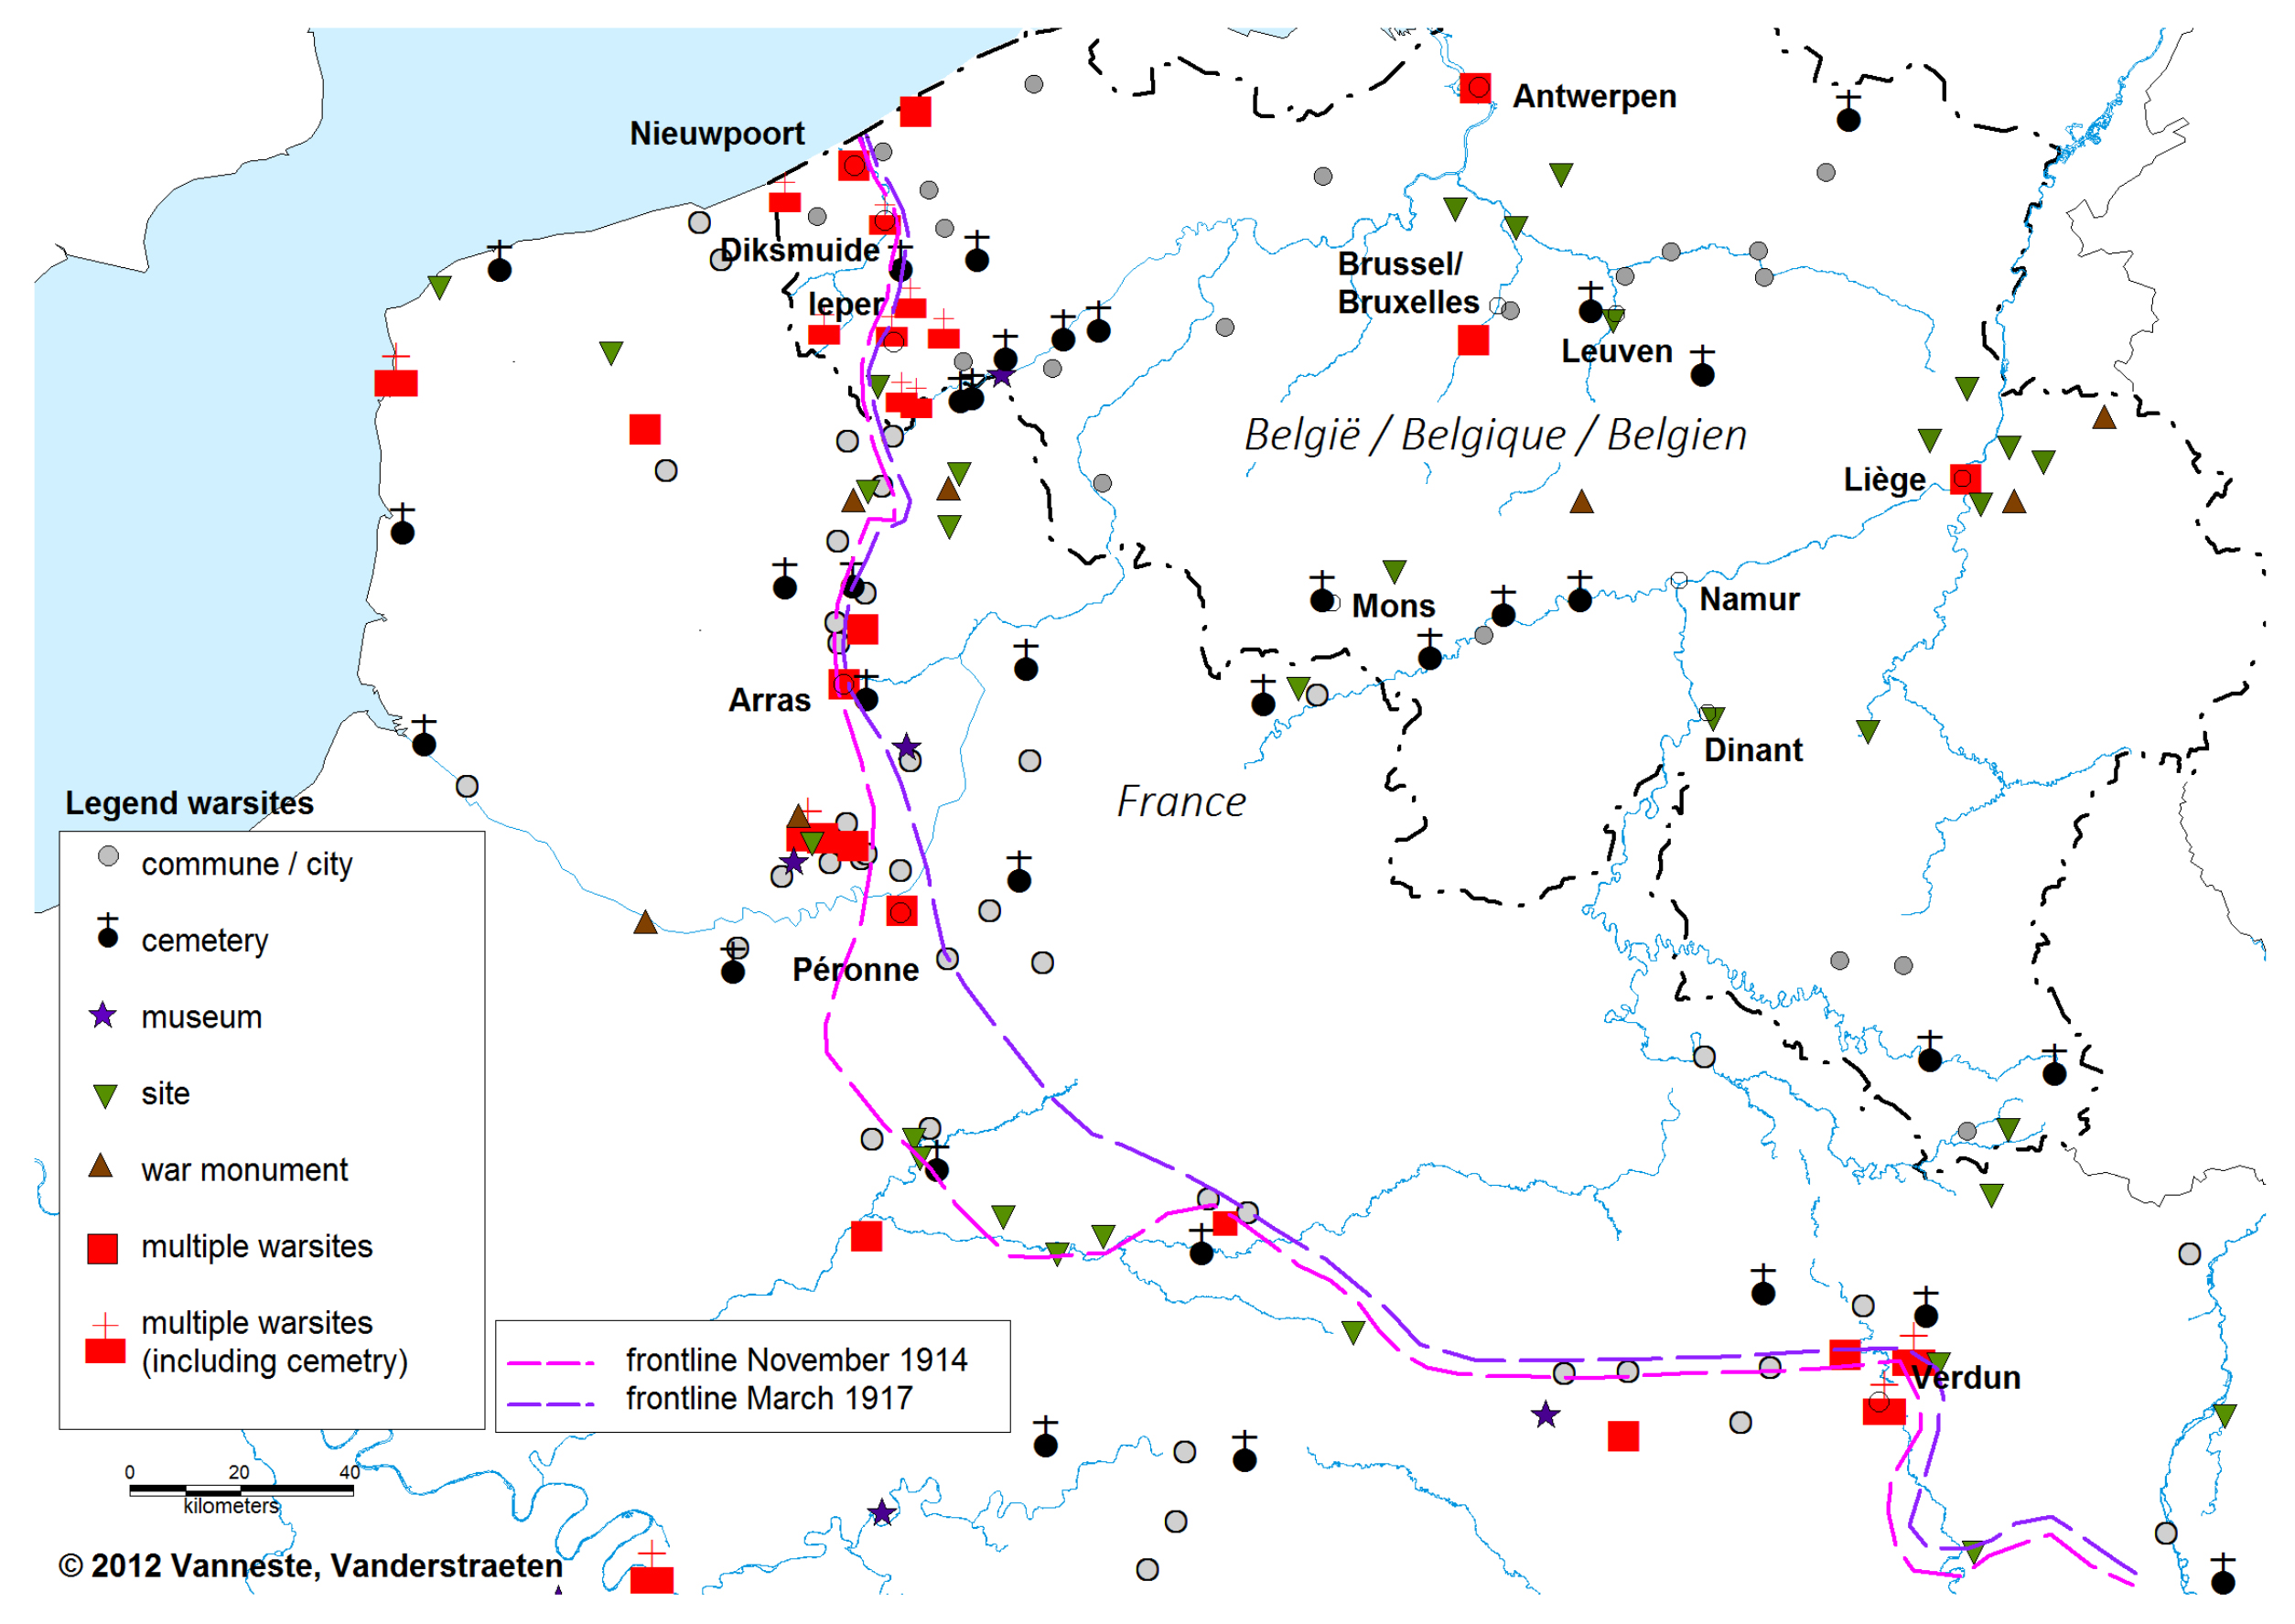 Schlachtfelder Des 2 Weltkriegs Karte.Erinnerungslandschaften Des Ersten Weltkriegs 1914 1918